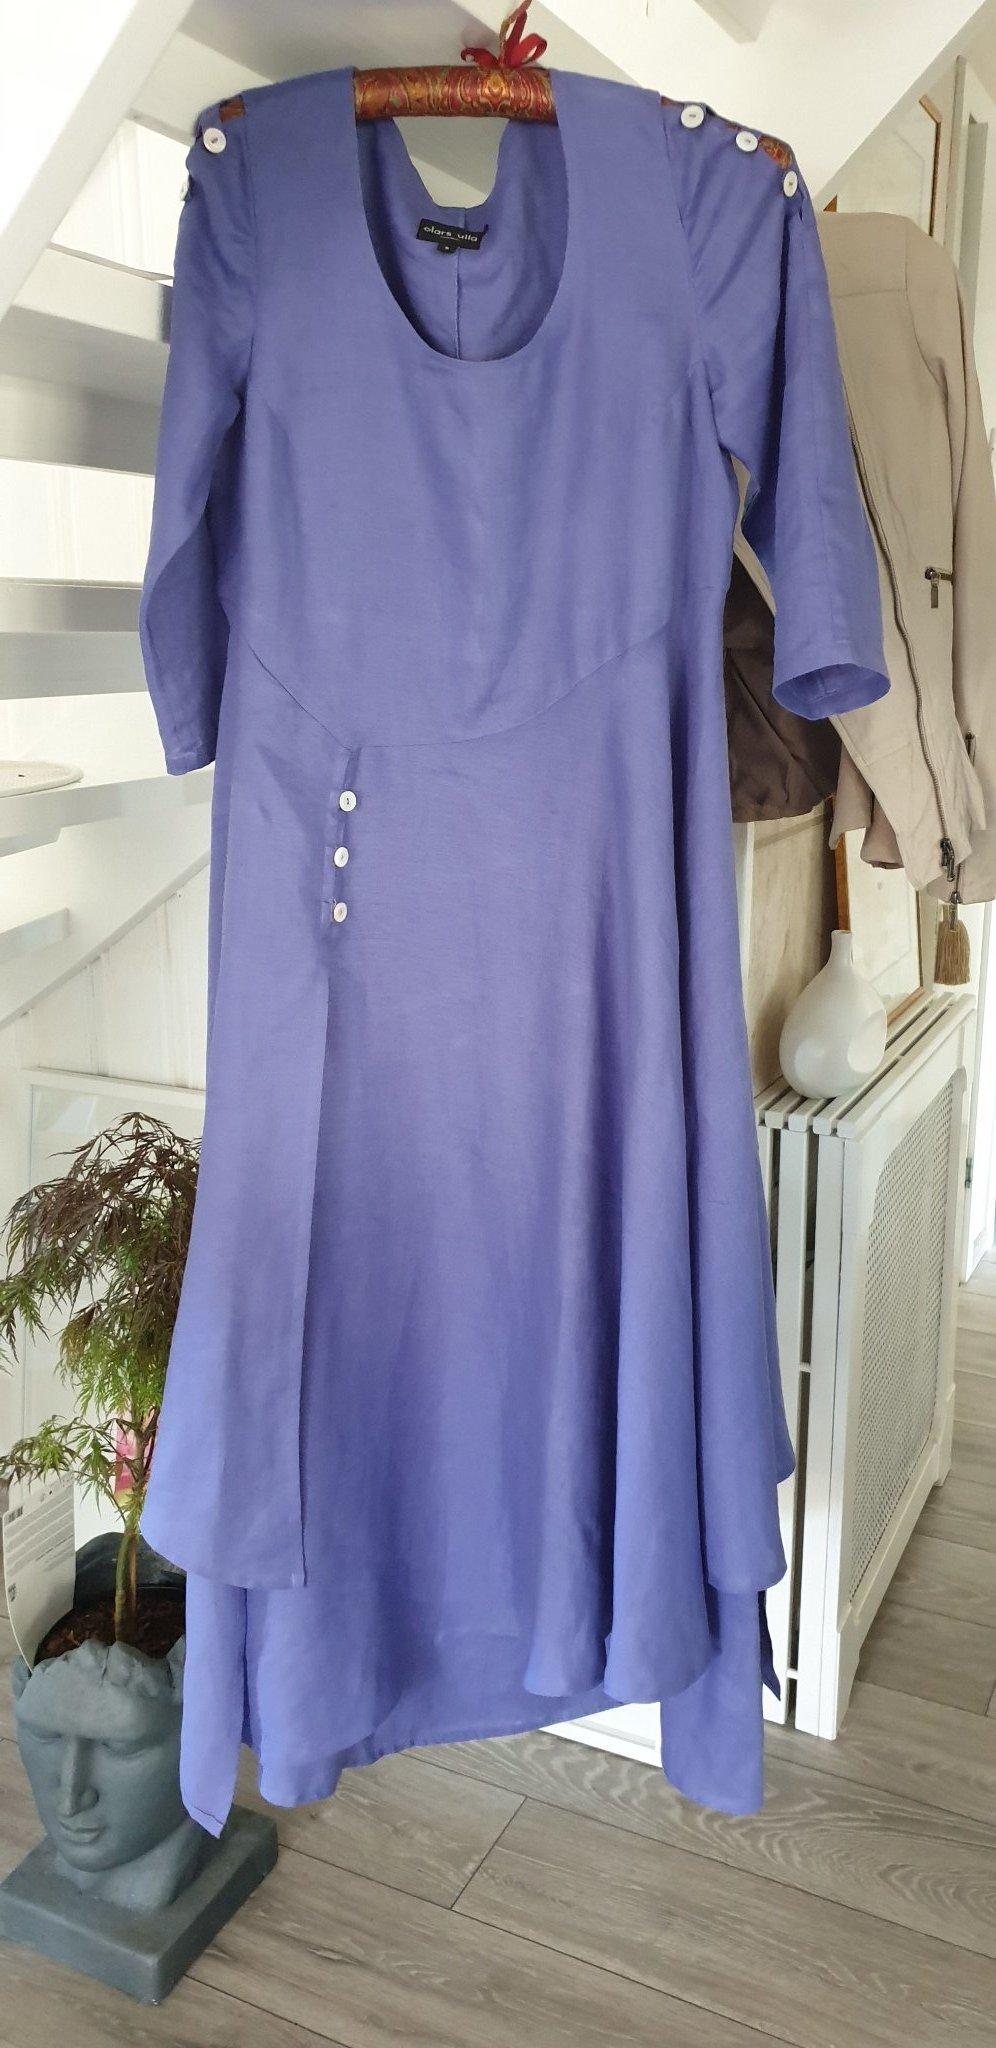 d778a9cd649c Mycket snygg klänning från Olars Ulla i storlek S (355297870) ᐈ Köp på  Tradera